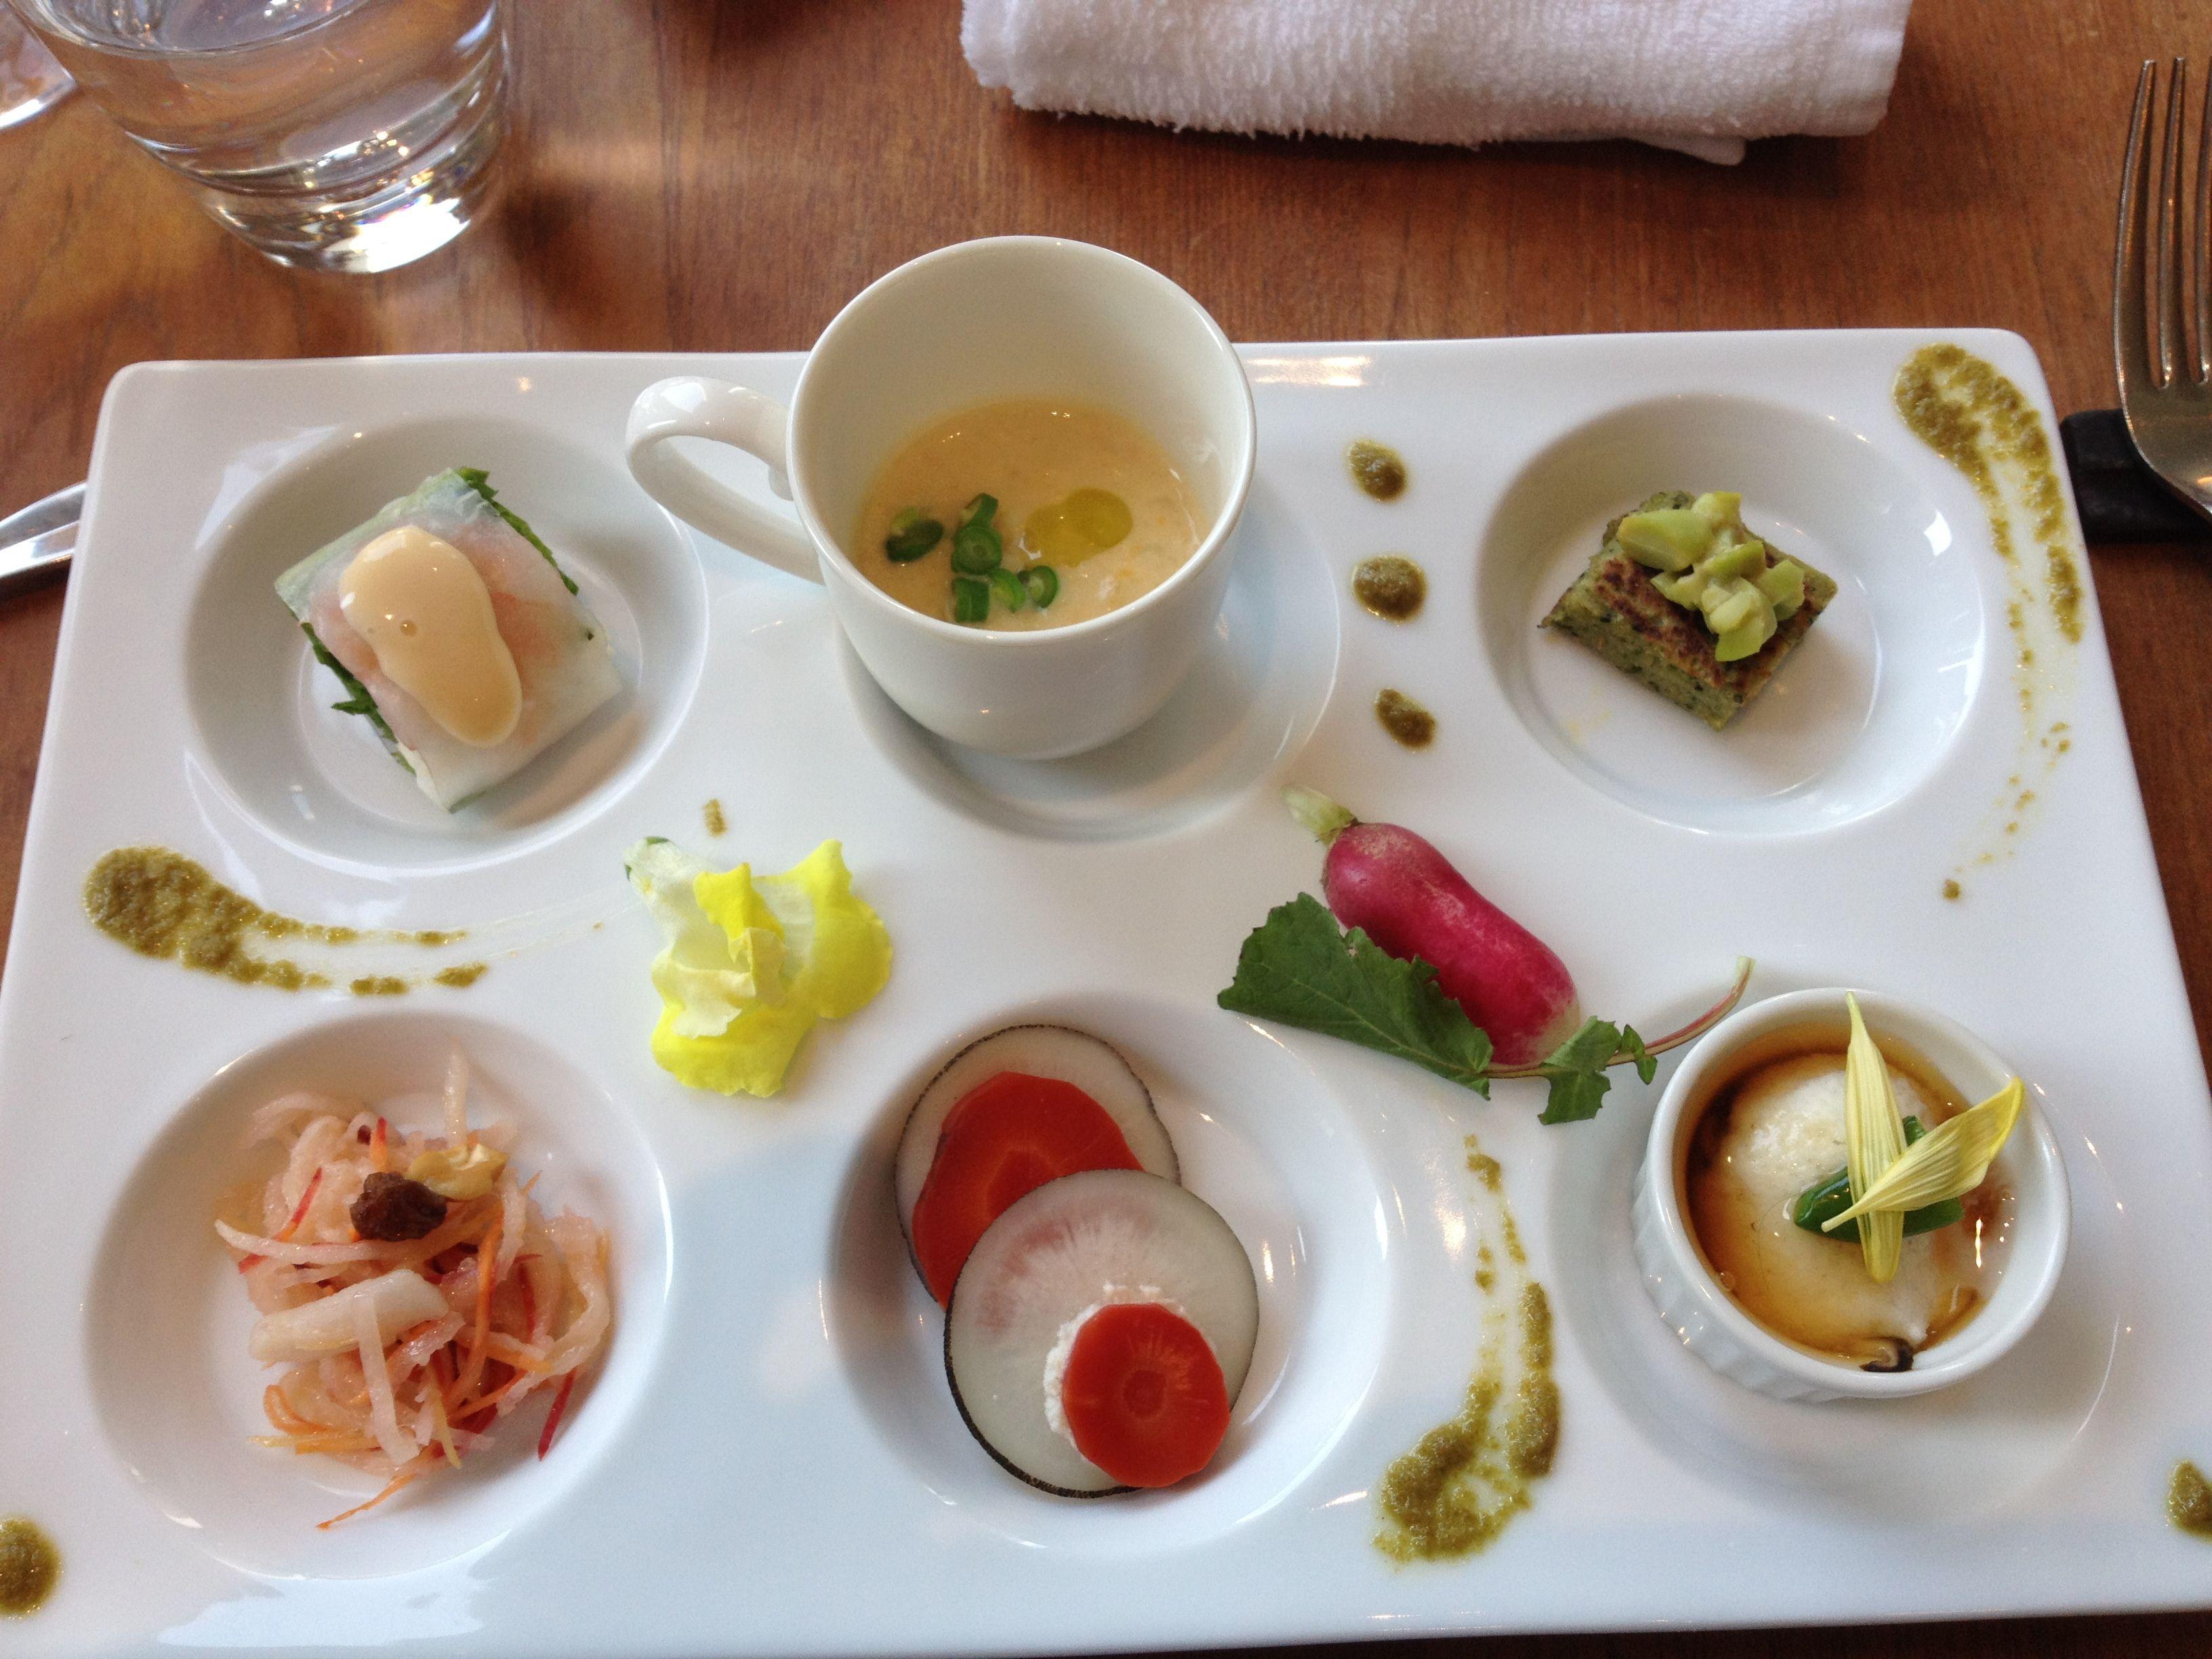 Vegeterian macrobiotic lunch. Tokyo.